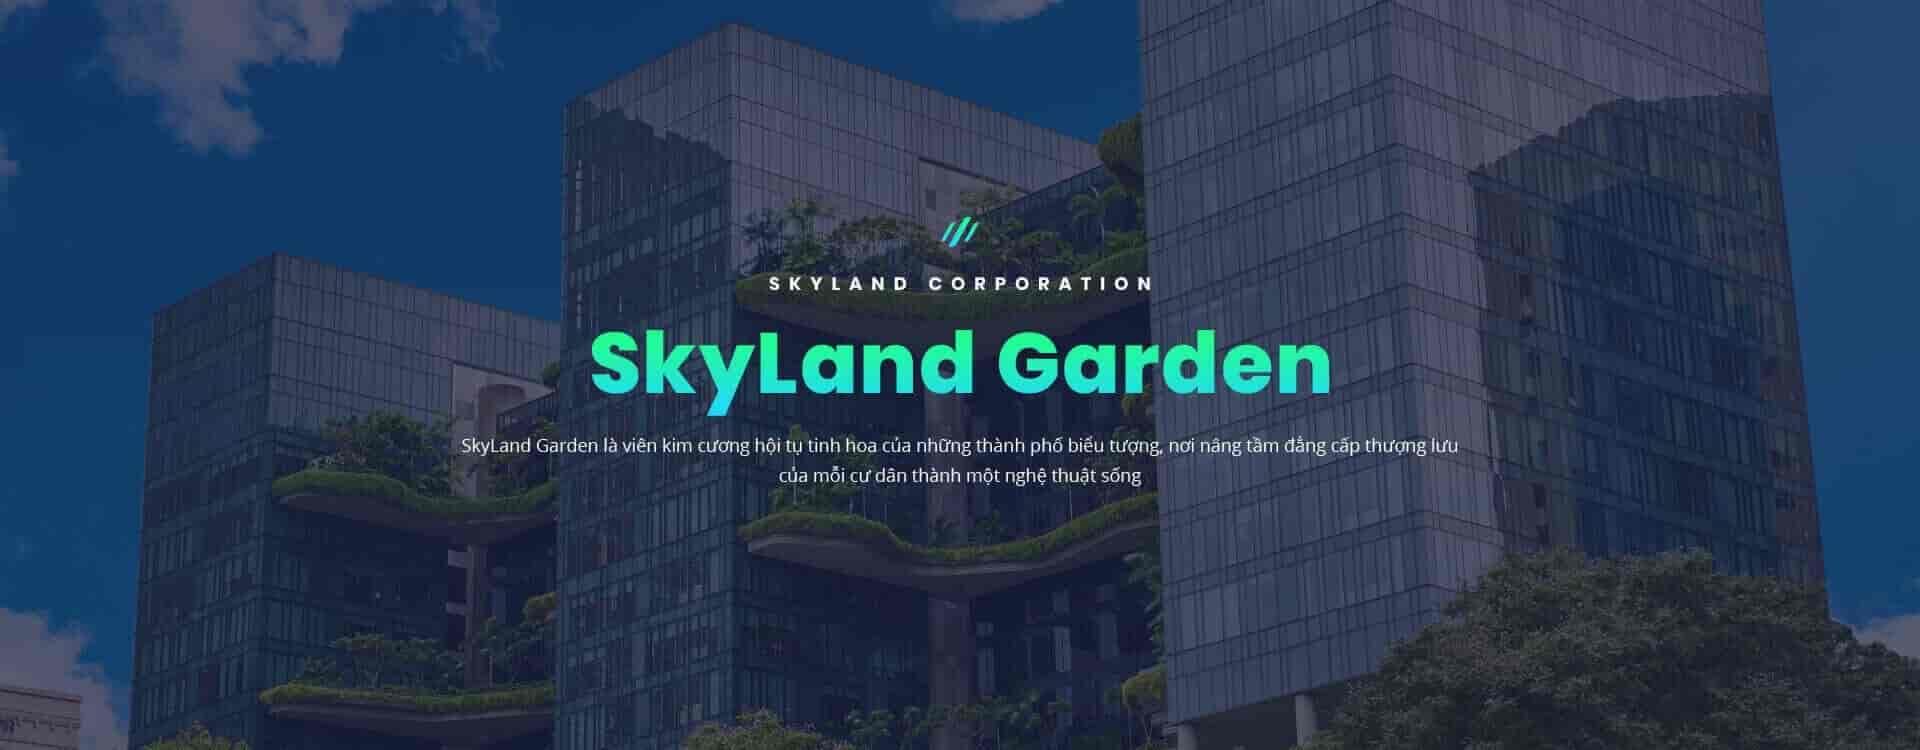 2021 - Skyland V3